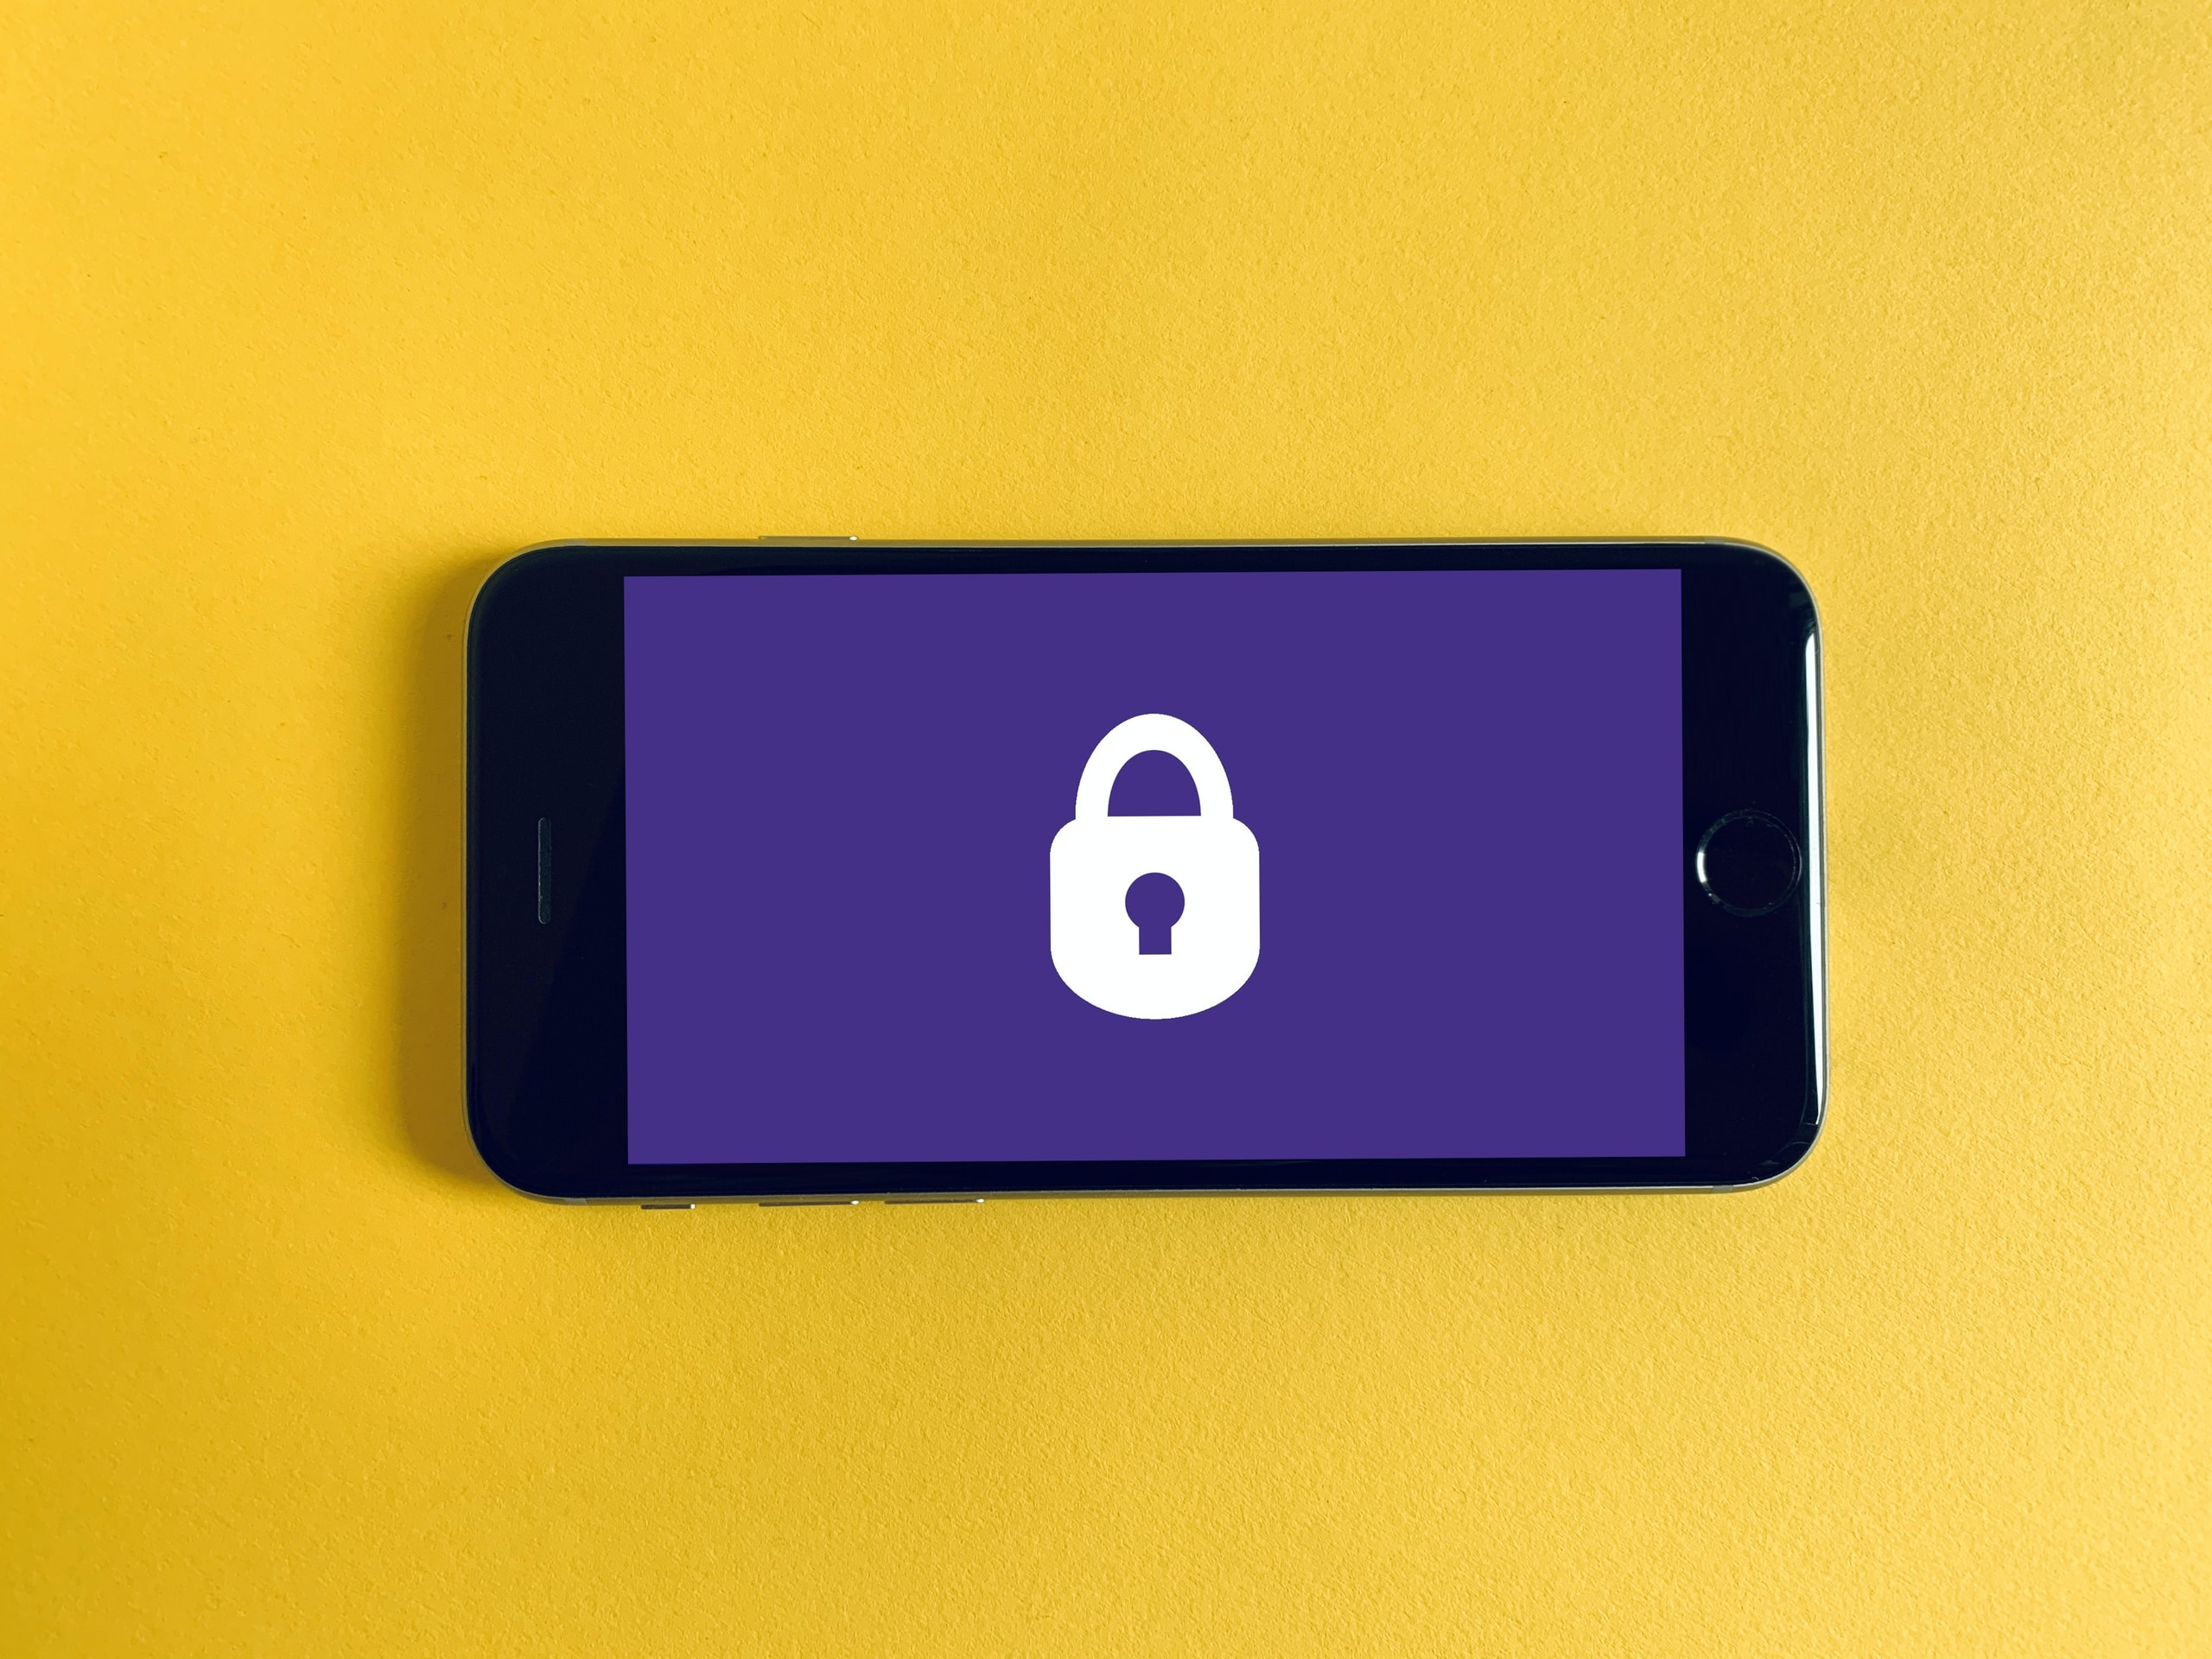 Apple iPhone Locked